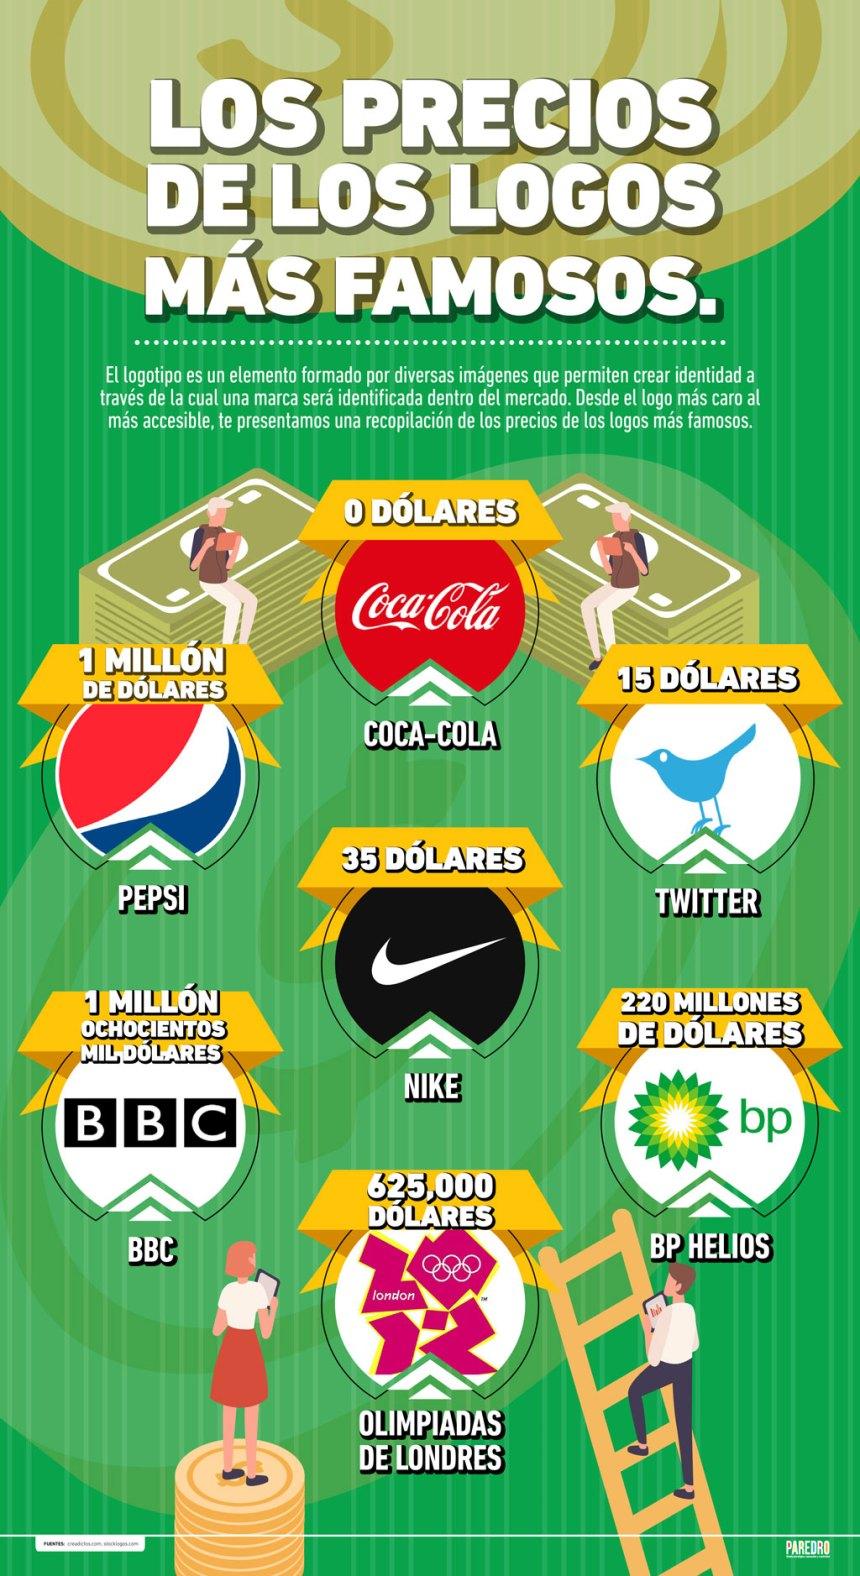 Los precios de los logos más famosos